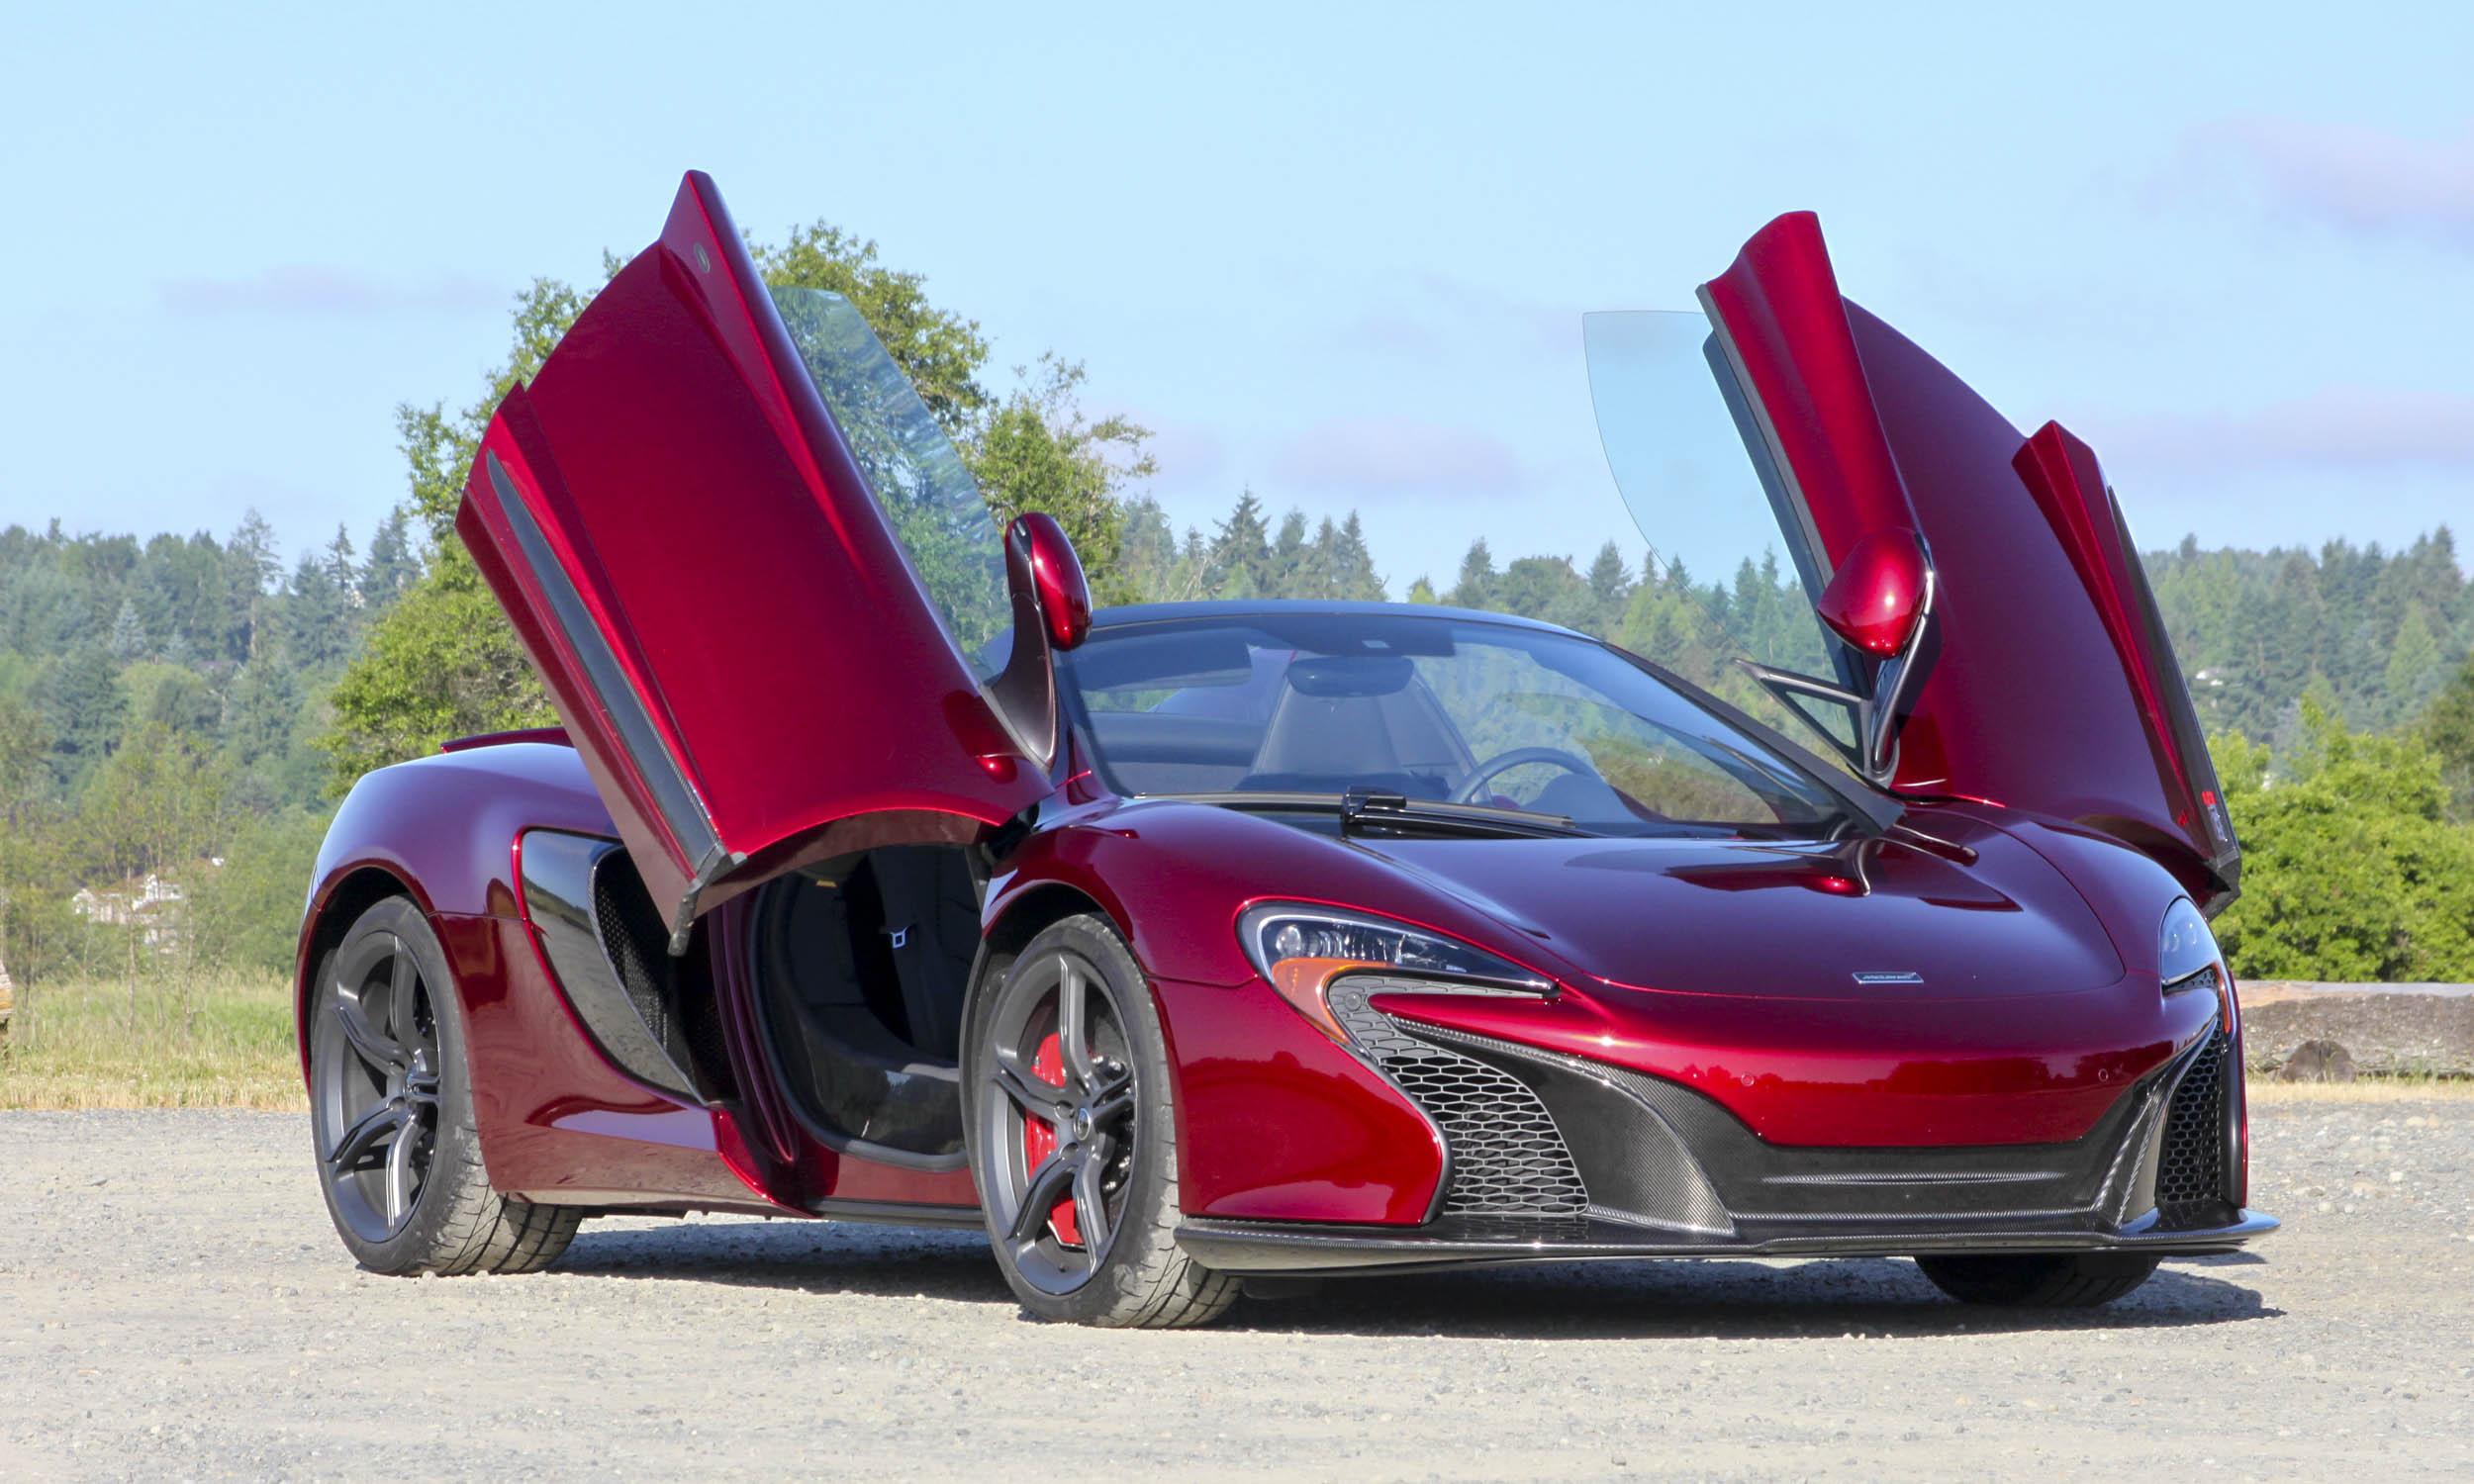 http://autonxt.net/wp-content/uploads/2015/06/McLaren-650S45.jpg